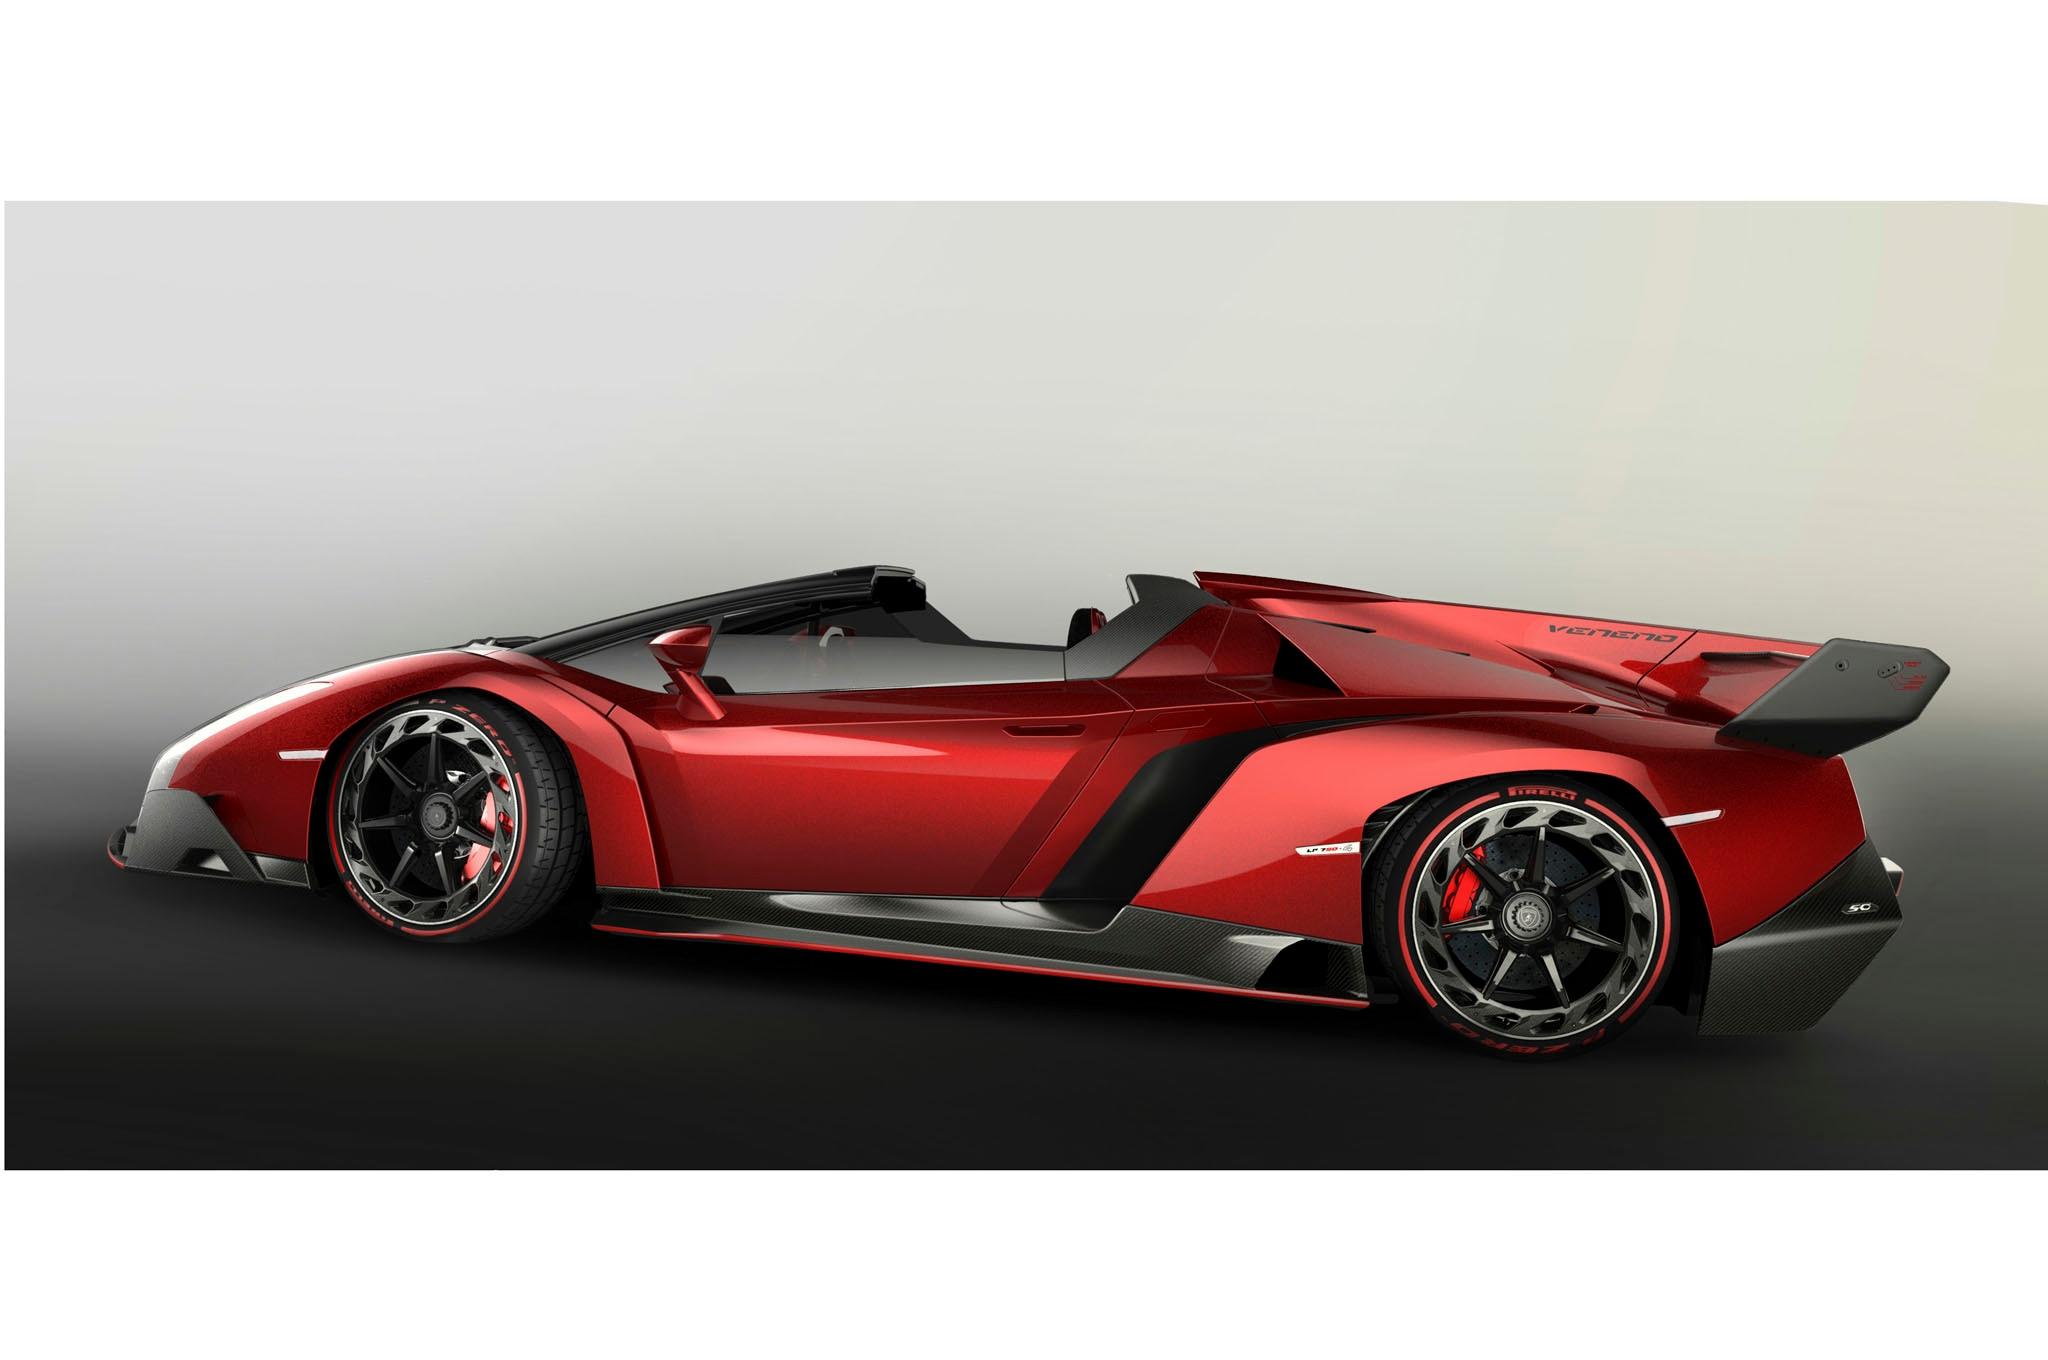 Lamborghini Veneno For Sale >> Hyper-Rare Lamborghini Veneno Up for Sale for $11.1 Million | Automobile Magazine